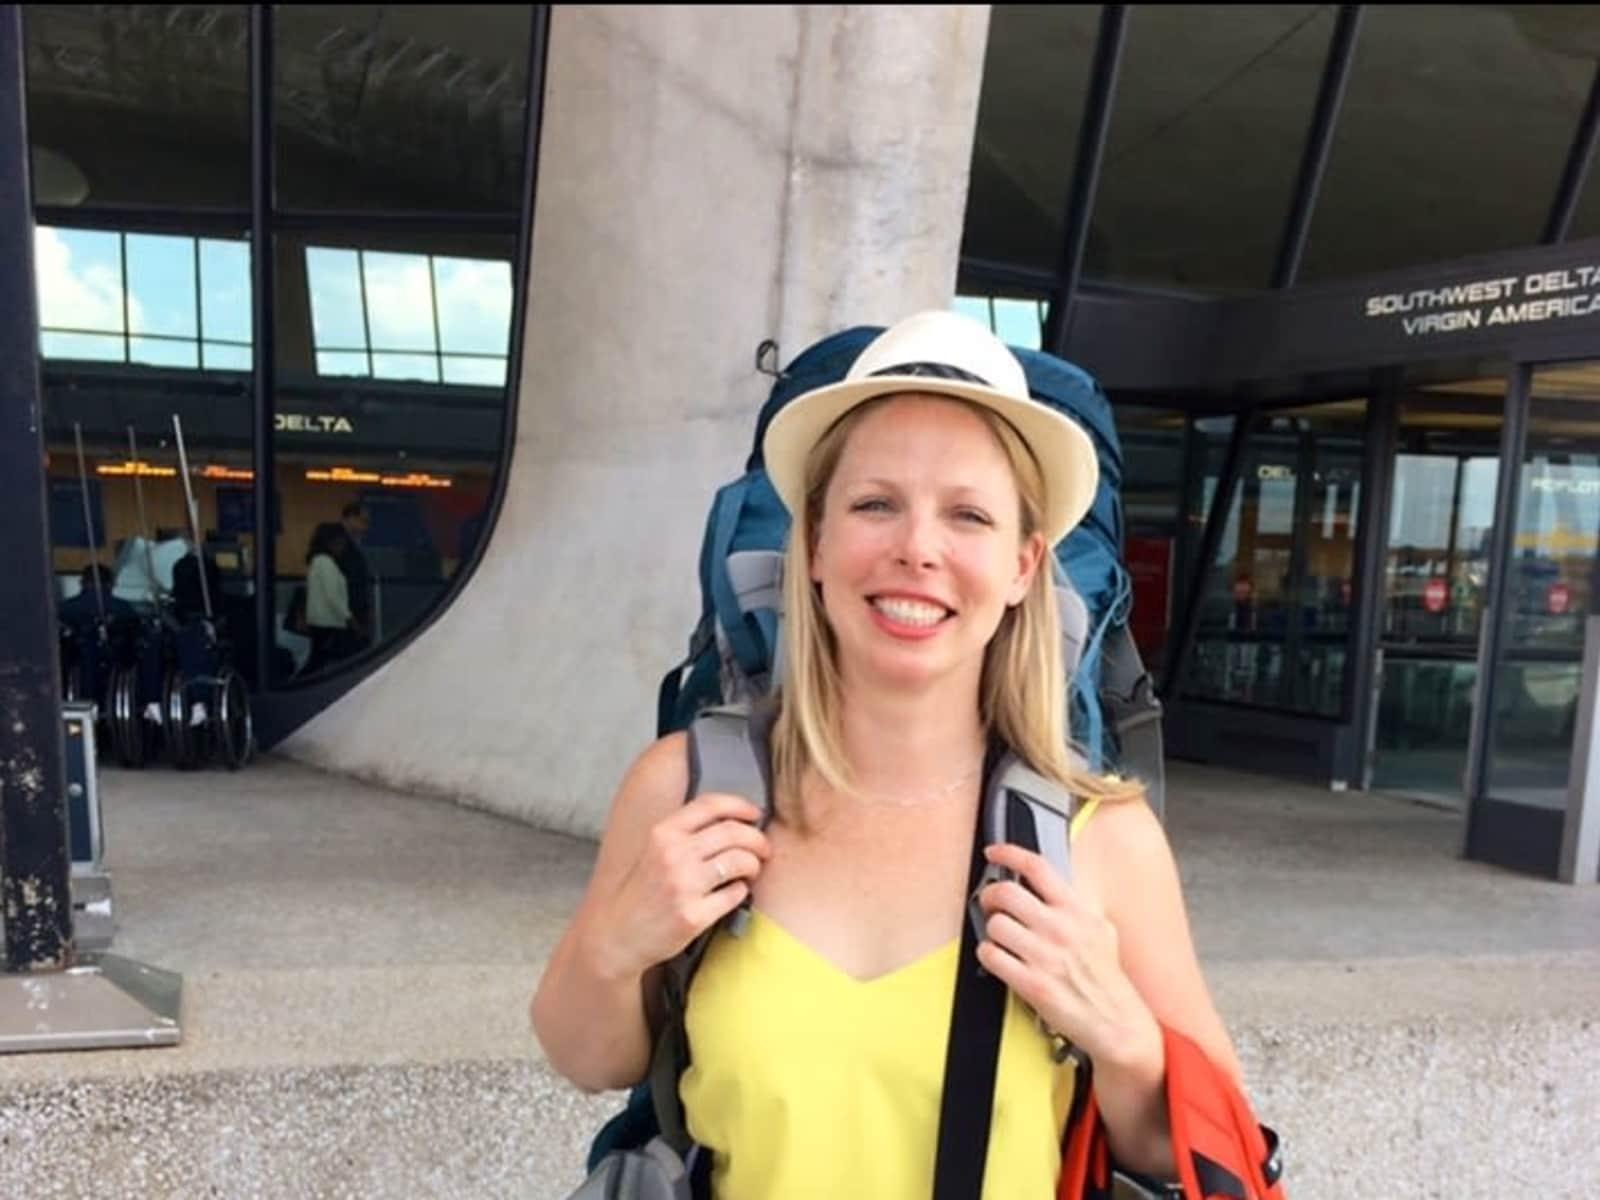 Maureen from Washington, D.C., Washington, D.C., United States